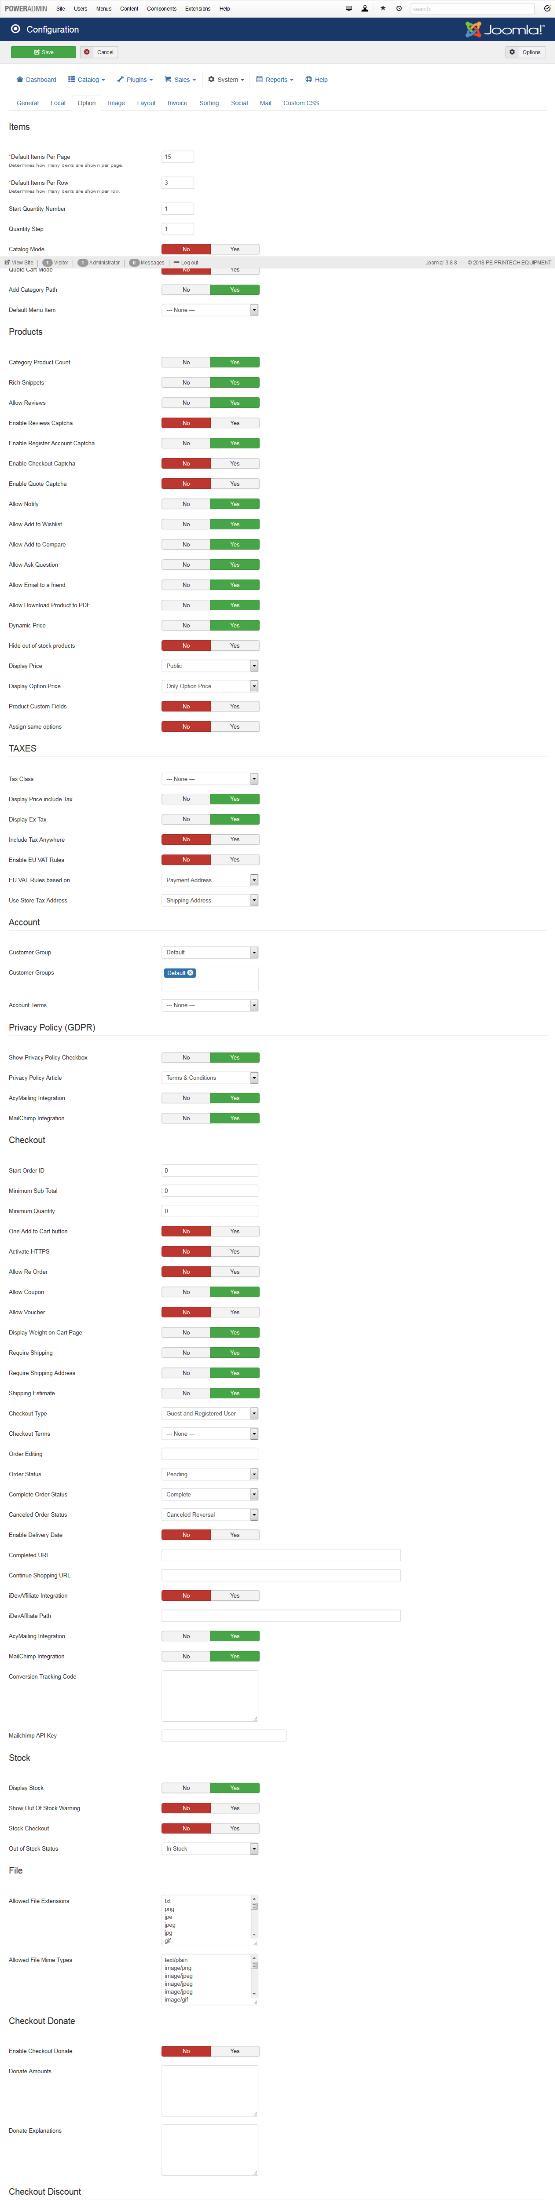 Screenshot-2018-6-6Configuration-PEPRINTECHEQUIPMENT-Administration.png